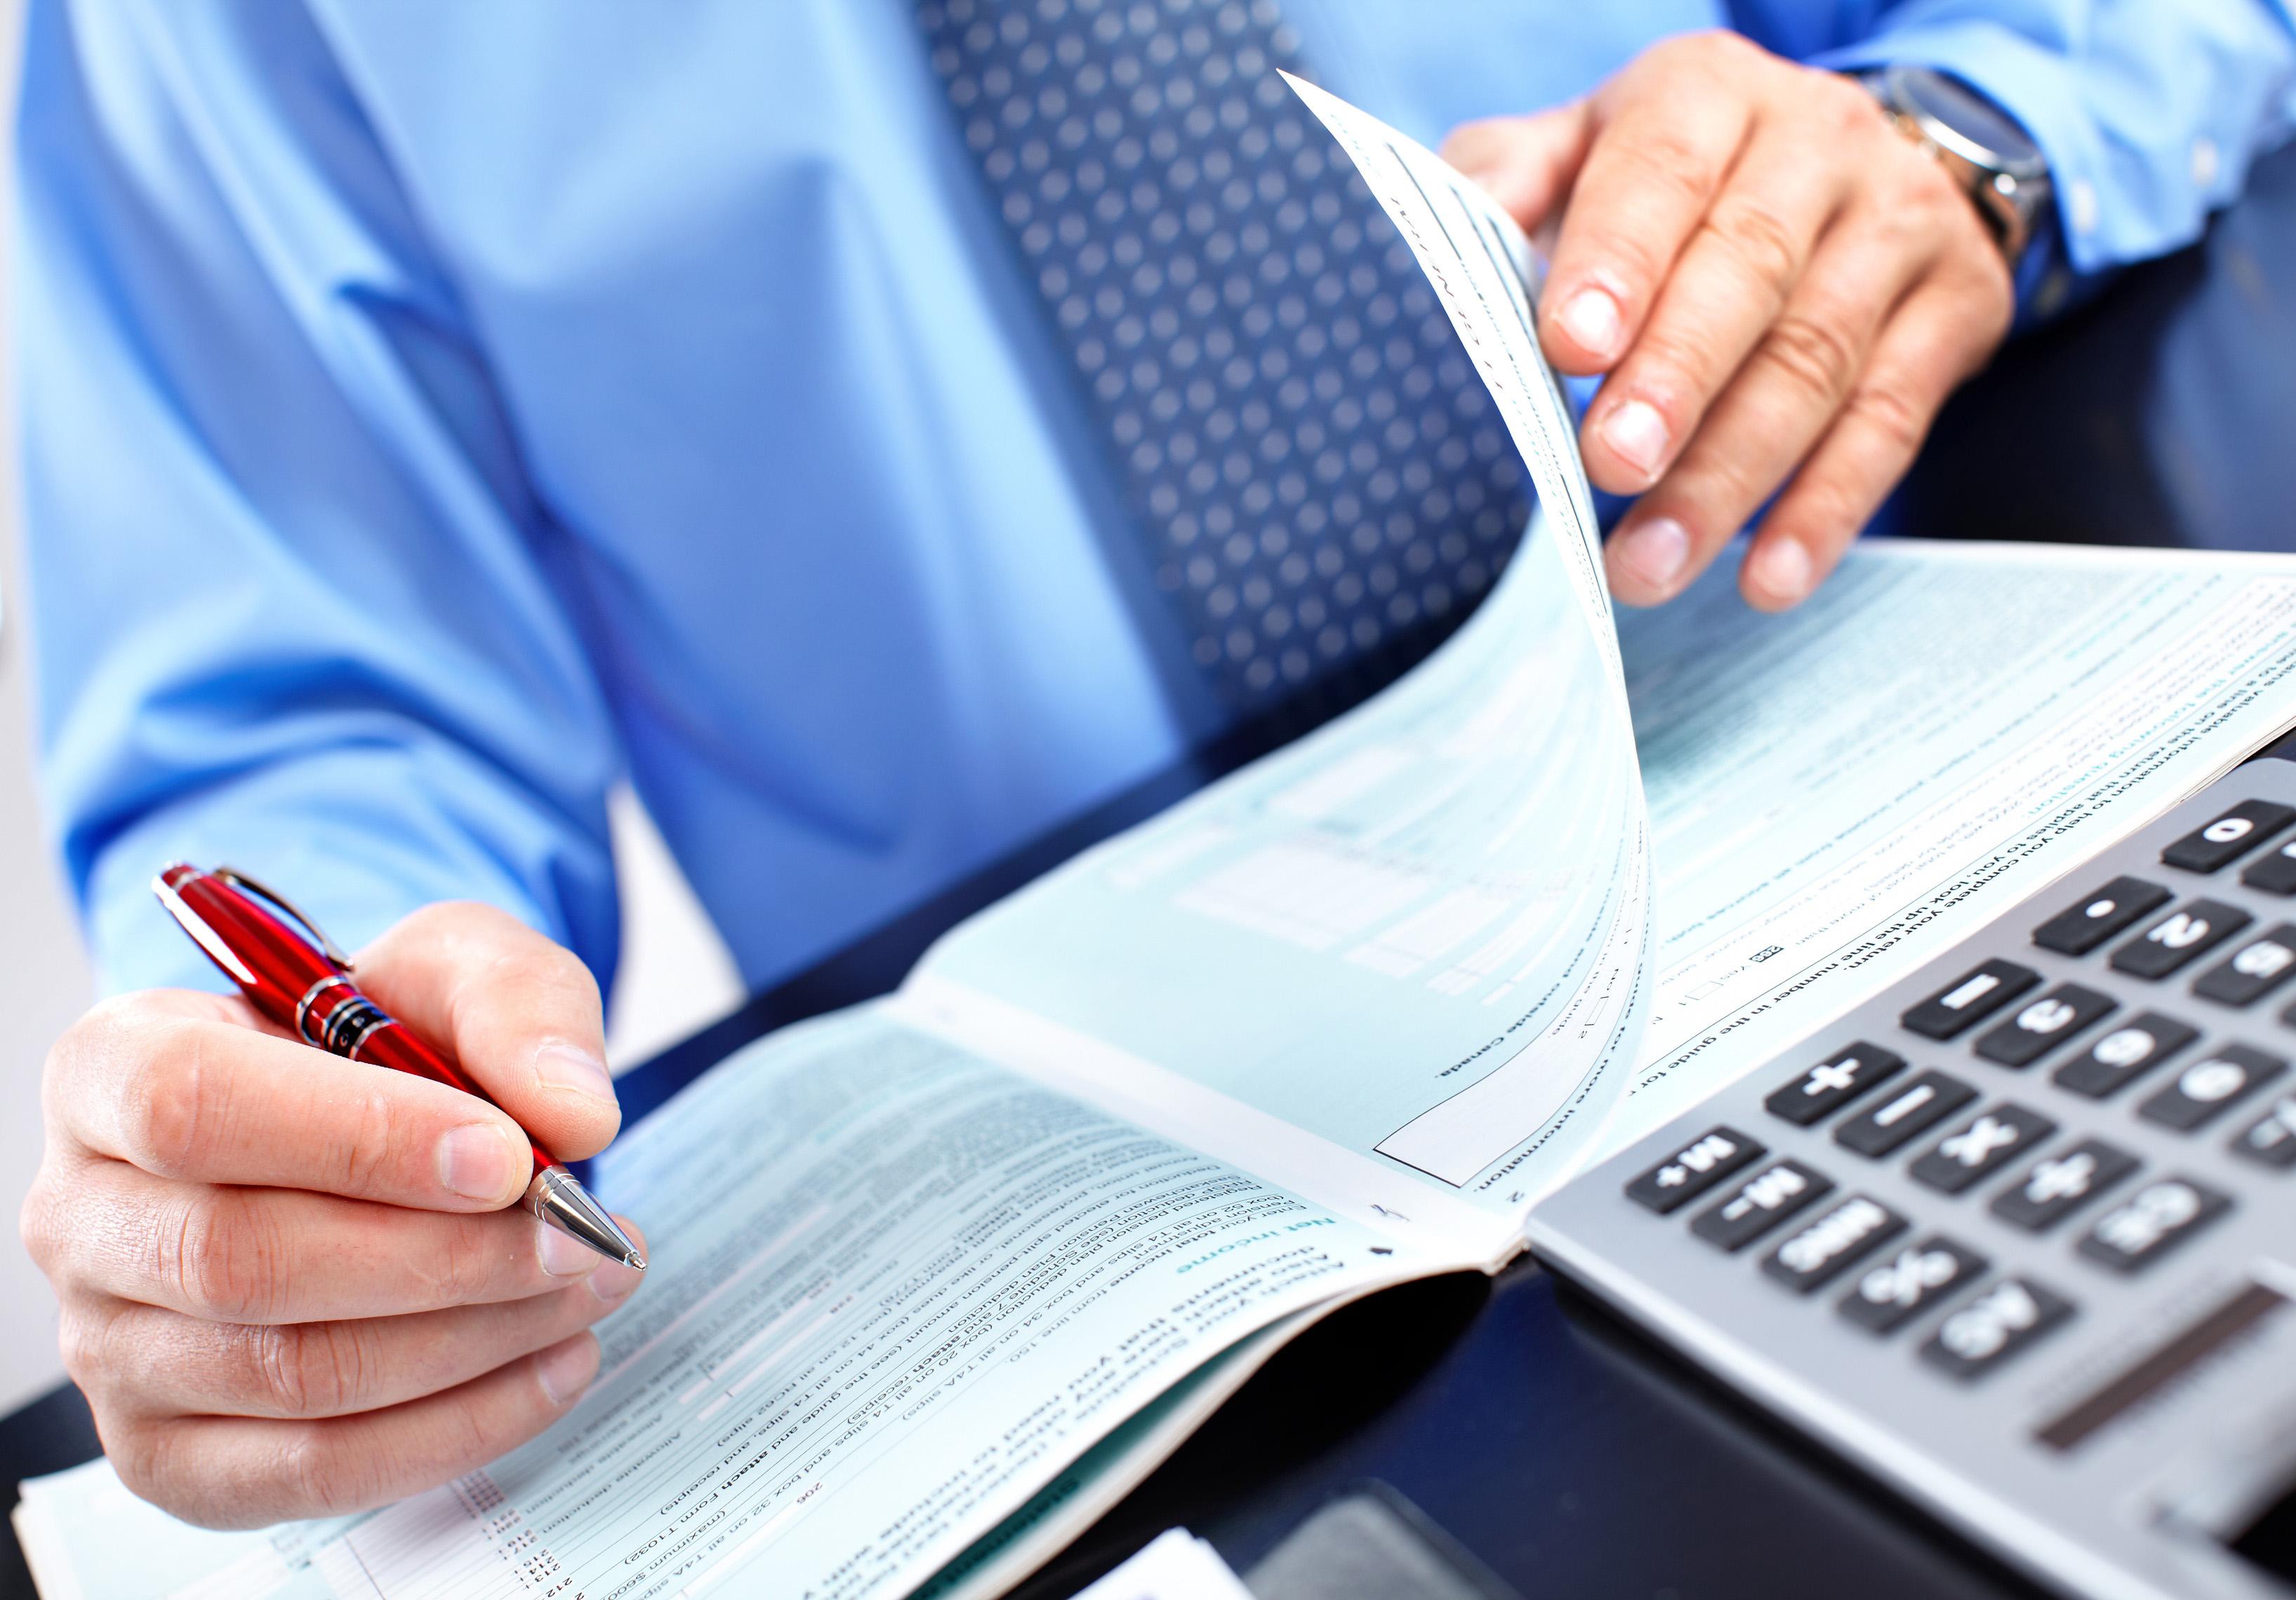 Tiêu chuẩn công chức dự thi nâng ngạch kế toán viên cao cấp từ năm 2020